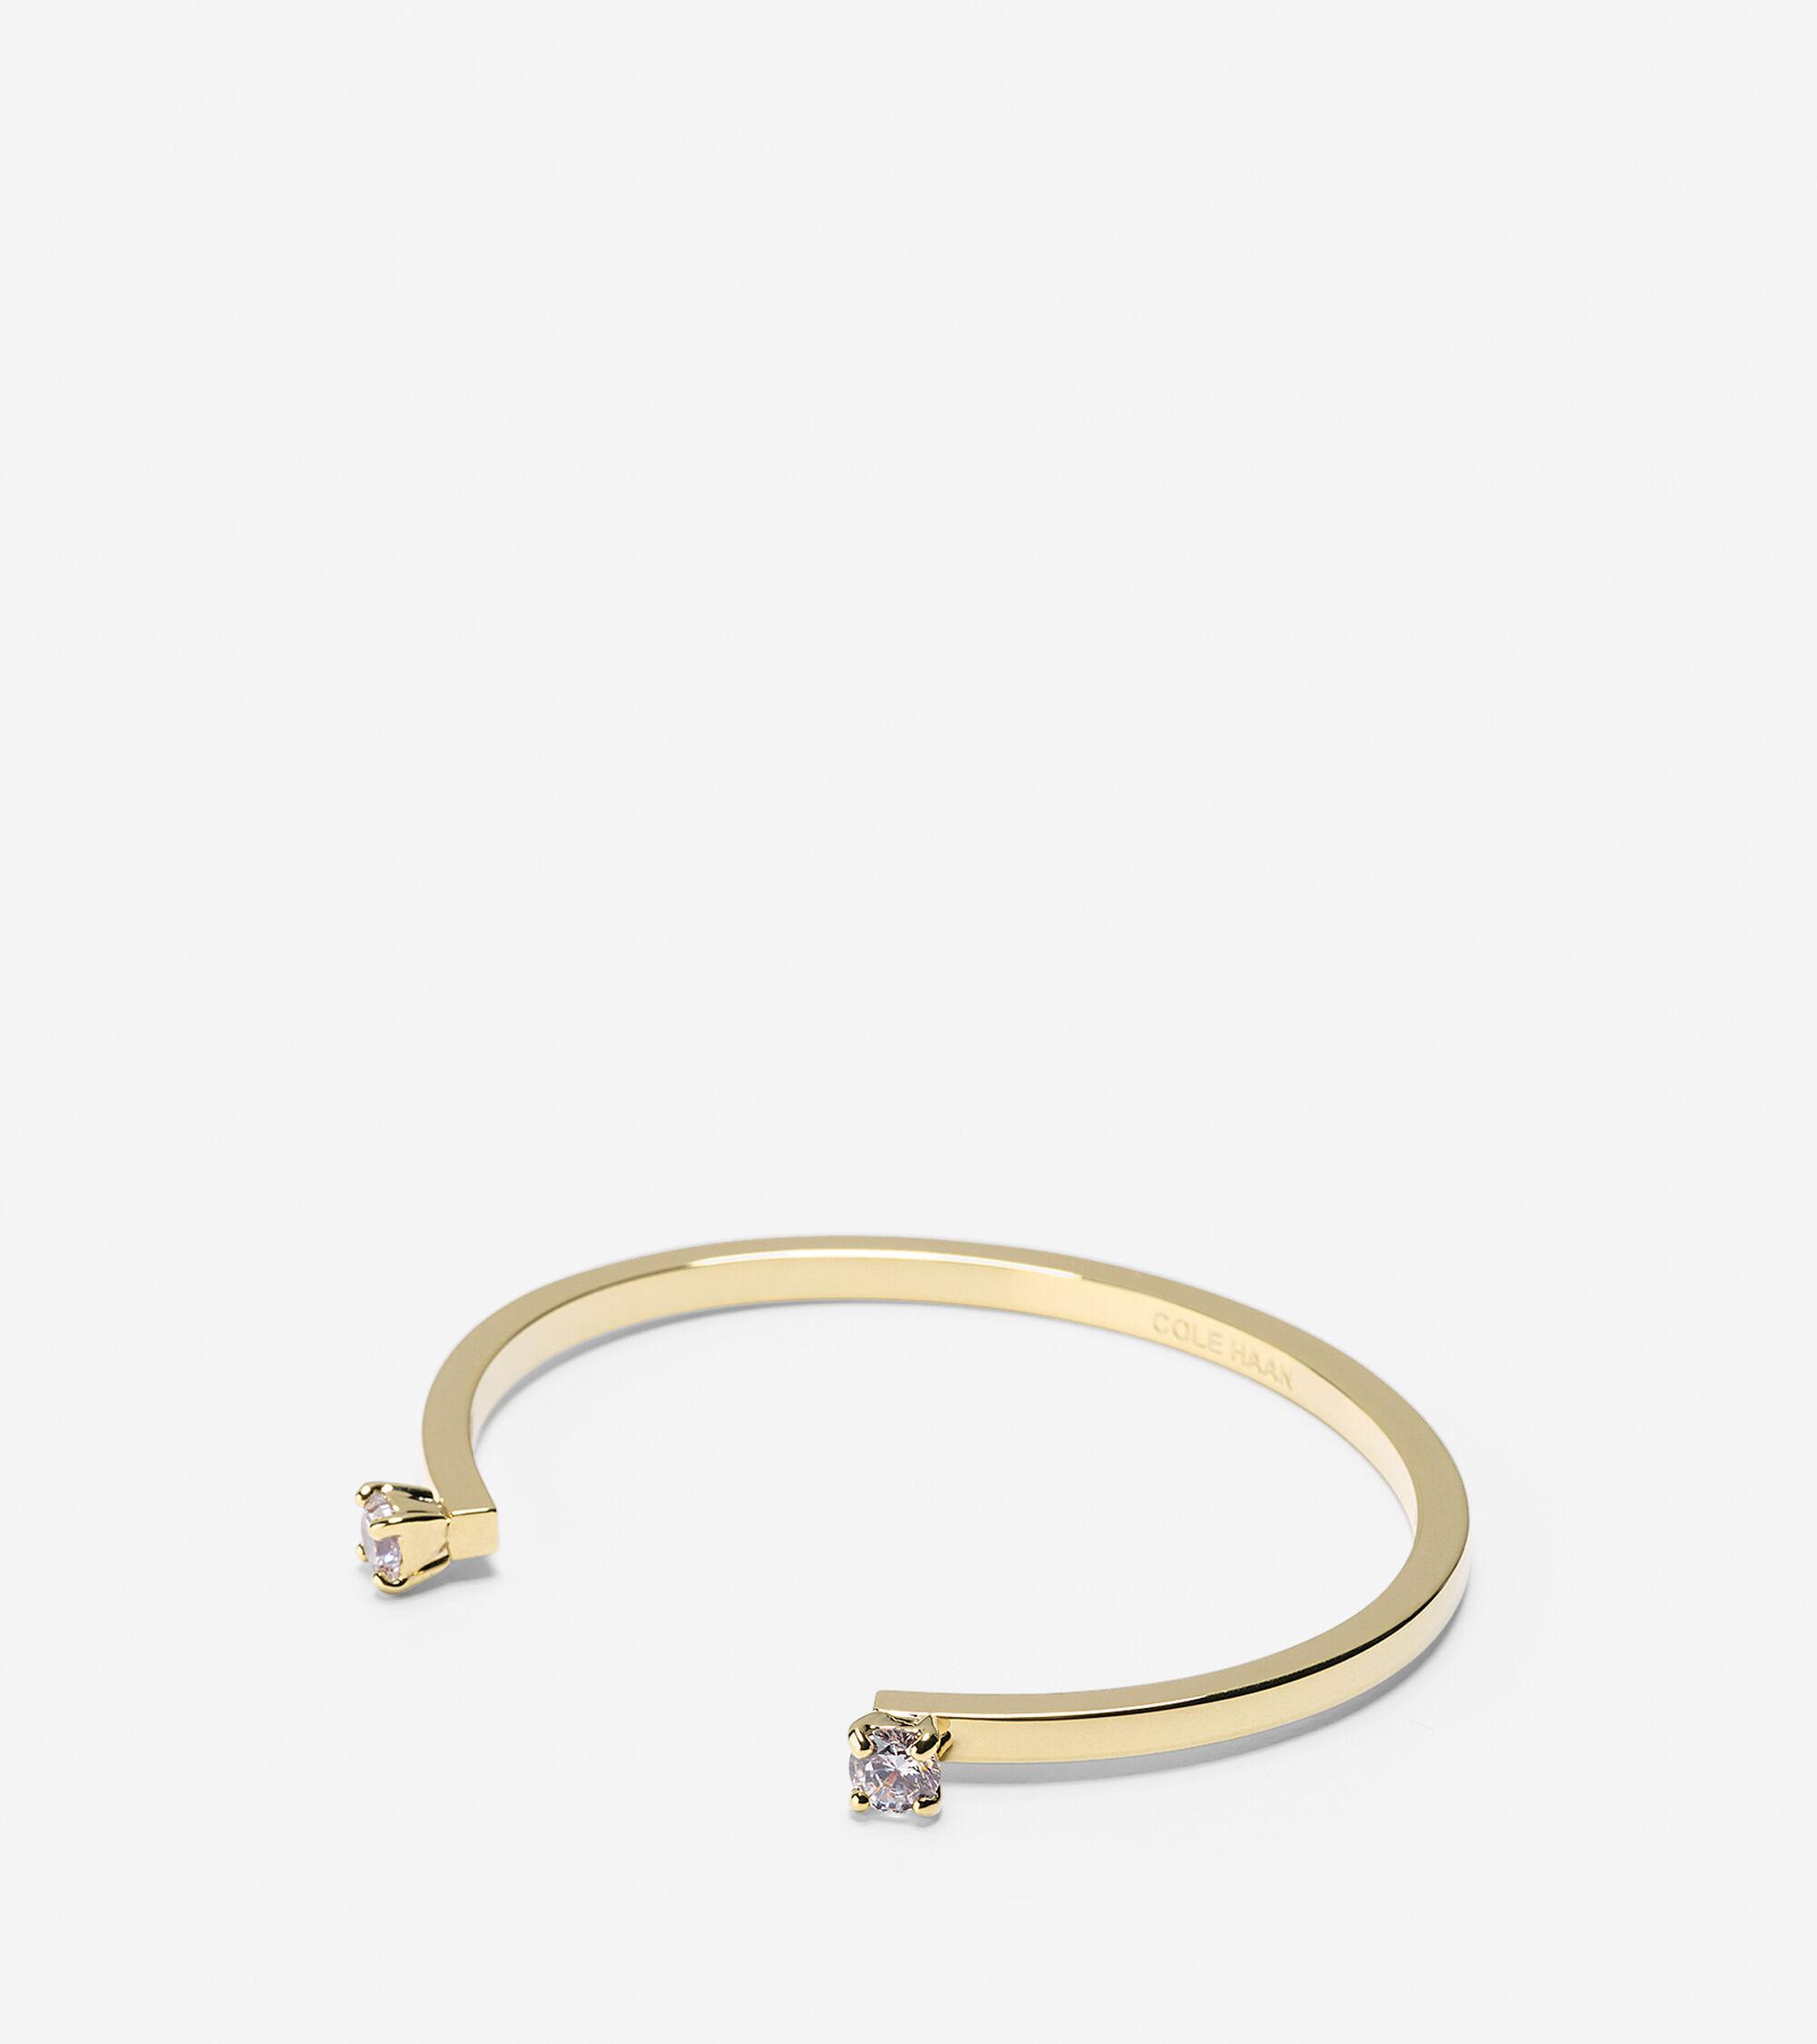 Accessories > CZ Open Cuff Bracelet